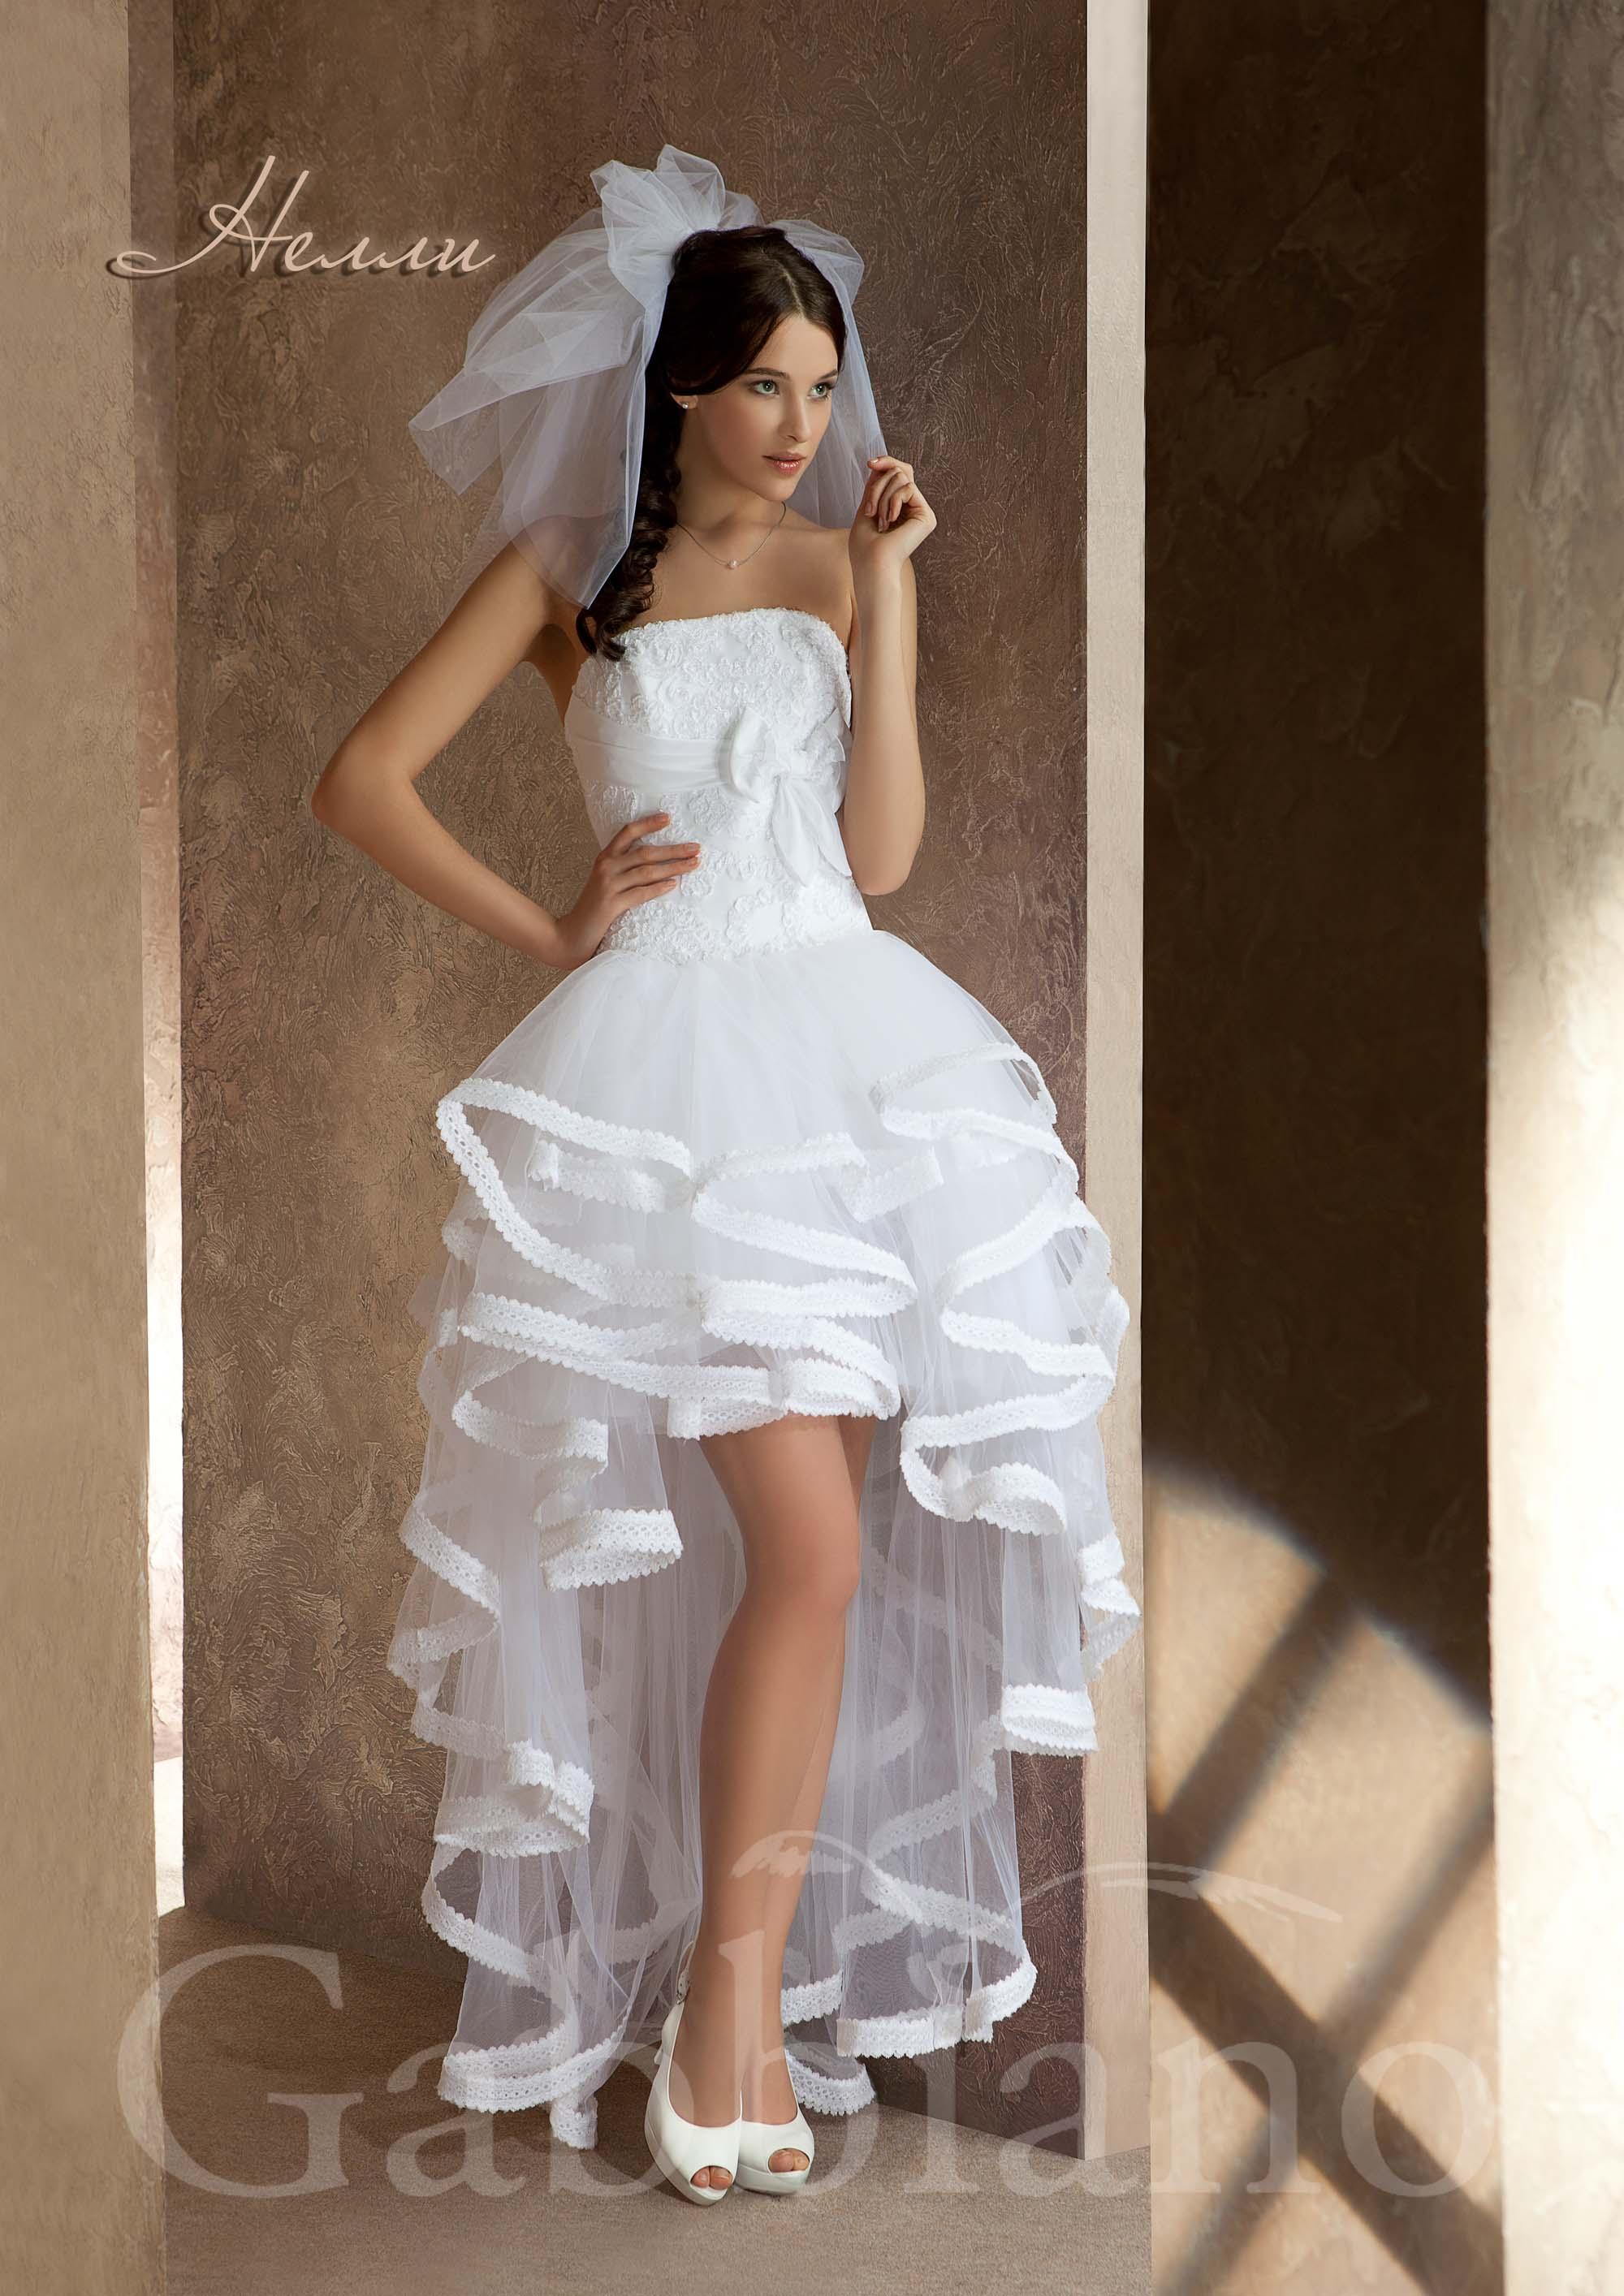 Где можно купить недорого вечернее платье в в твери: Где в спб можно в воронеже недорого